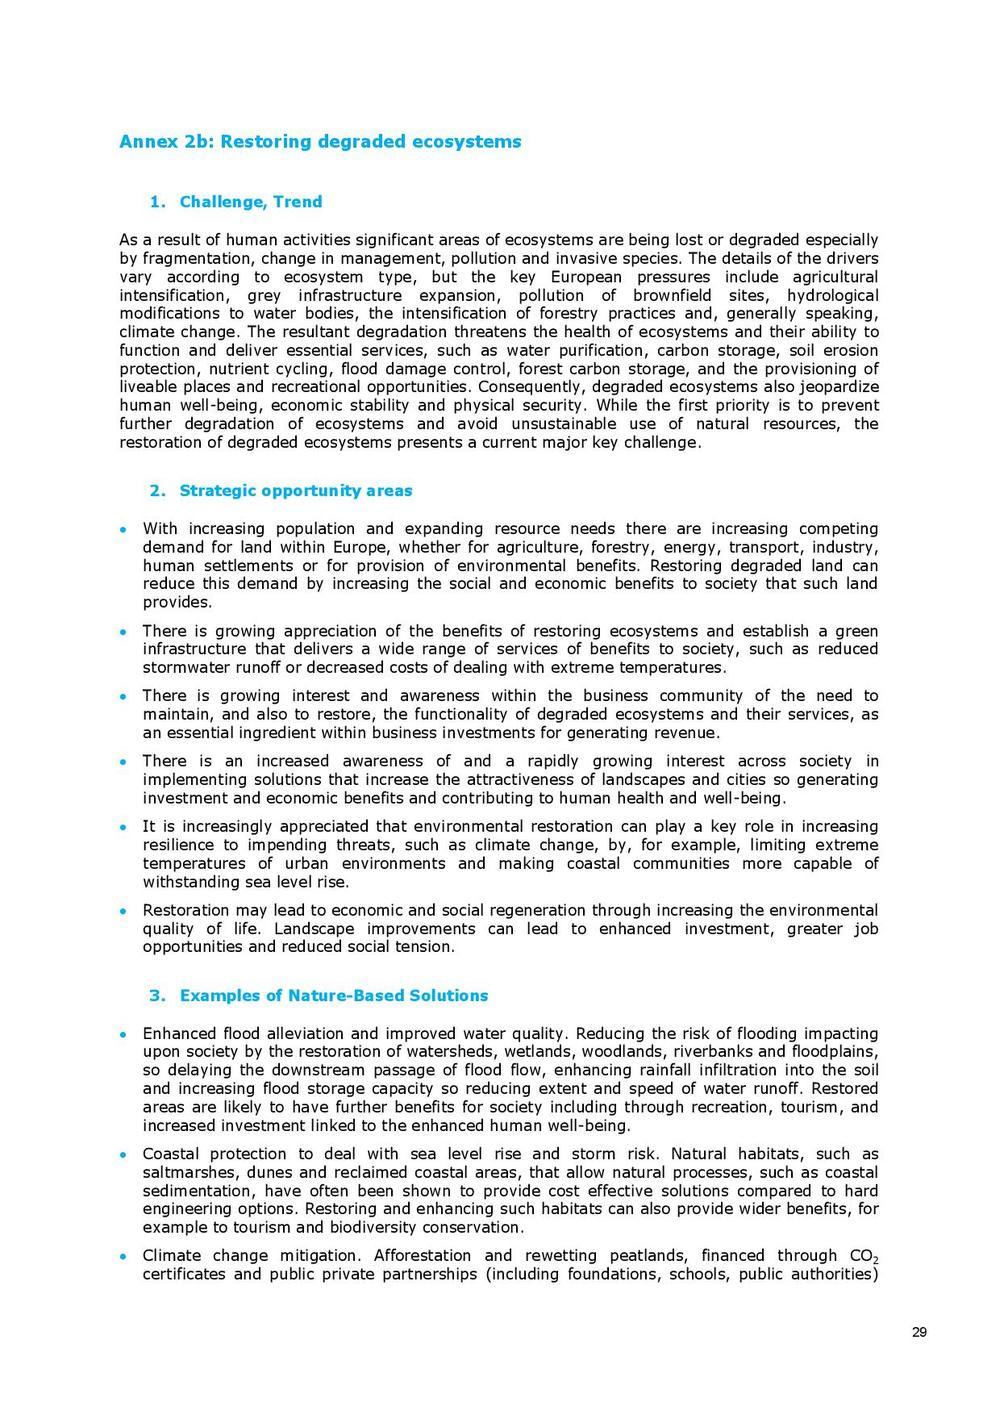 DG RTD_WEB-Publication A4_NBS_long_version_20150310-page-031.jpg